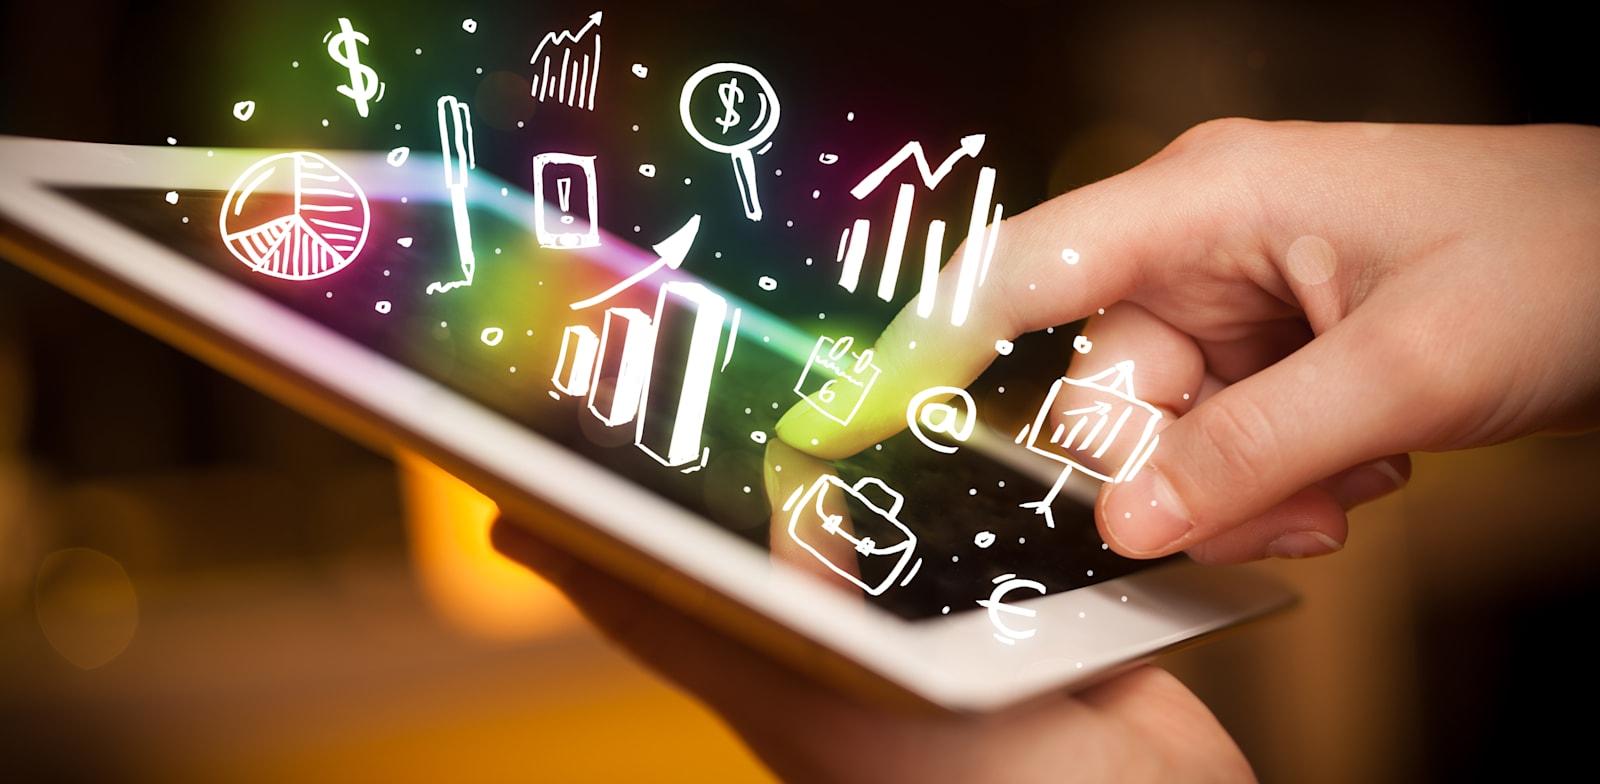 דיגיטציה / צילום: Shutterstock, ESB Professional